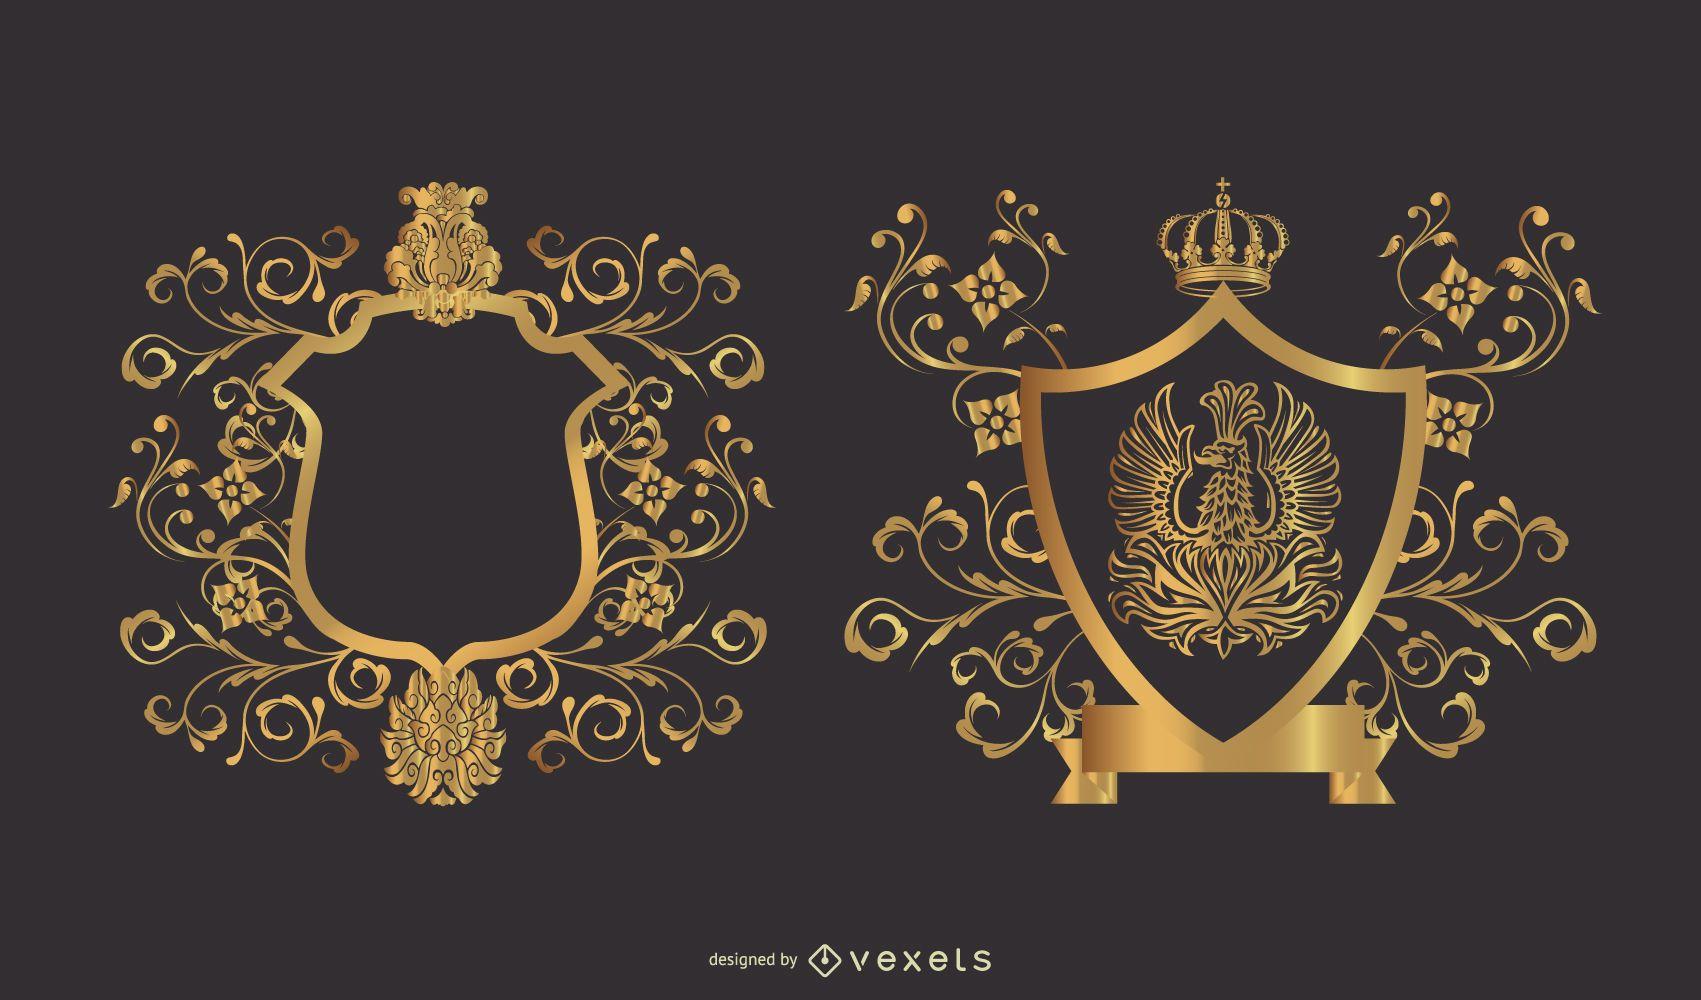 Emblemas decorativos del escudo heráldico